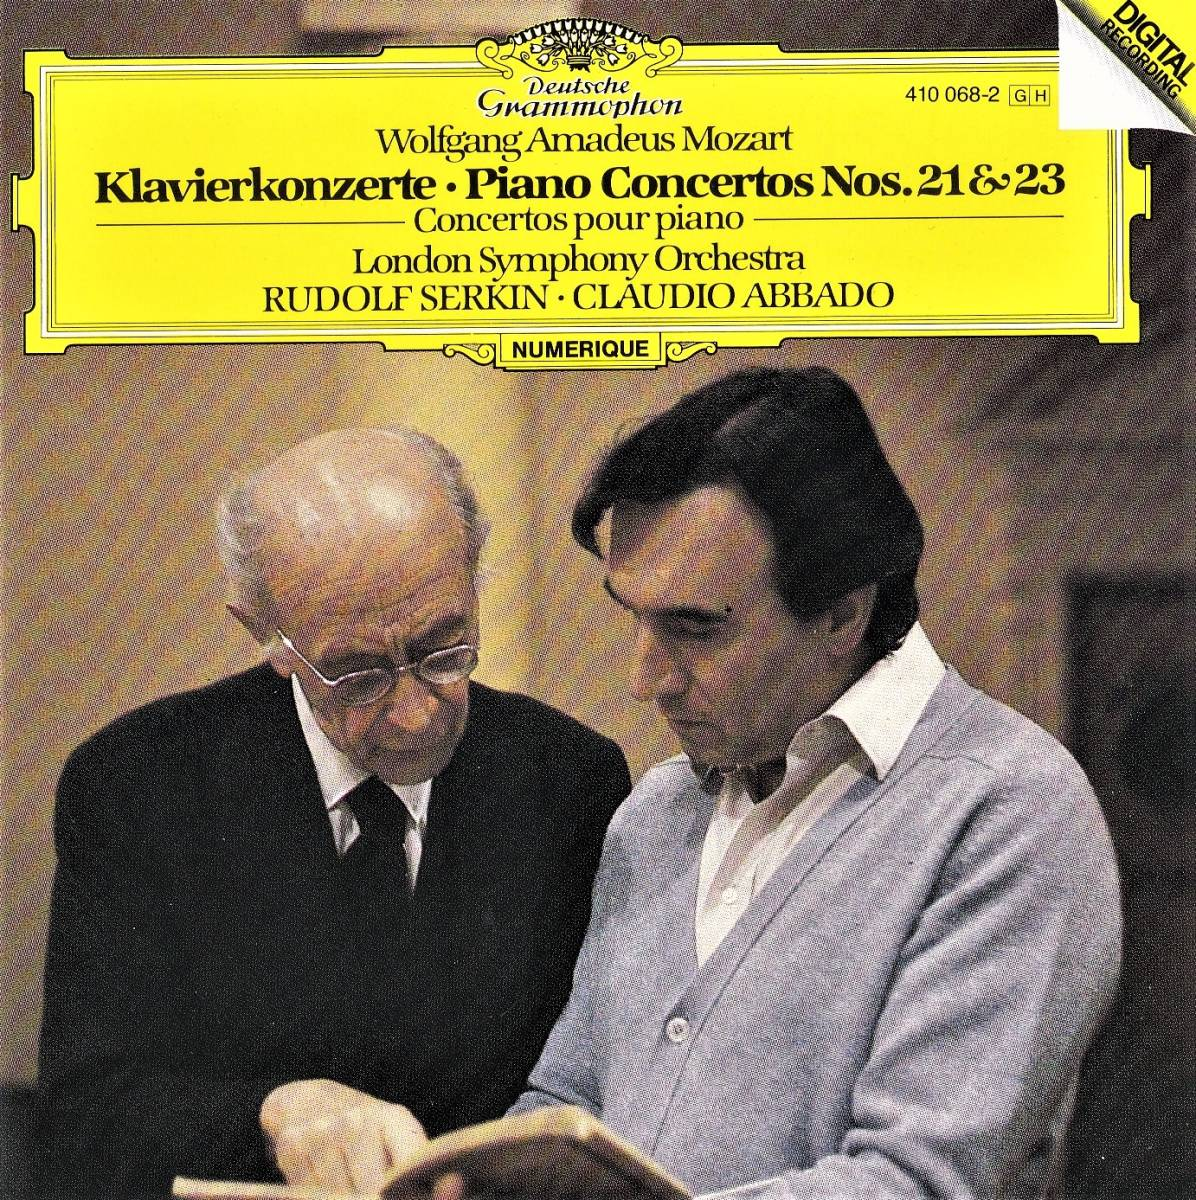 廃盤超希少 初期西独盤 ルドルフ・ゼルキン クラウディオ・アバド ロンドン交響楽団 モーツアルト ピアノ協奏曲 第21番 第23番_画像1